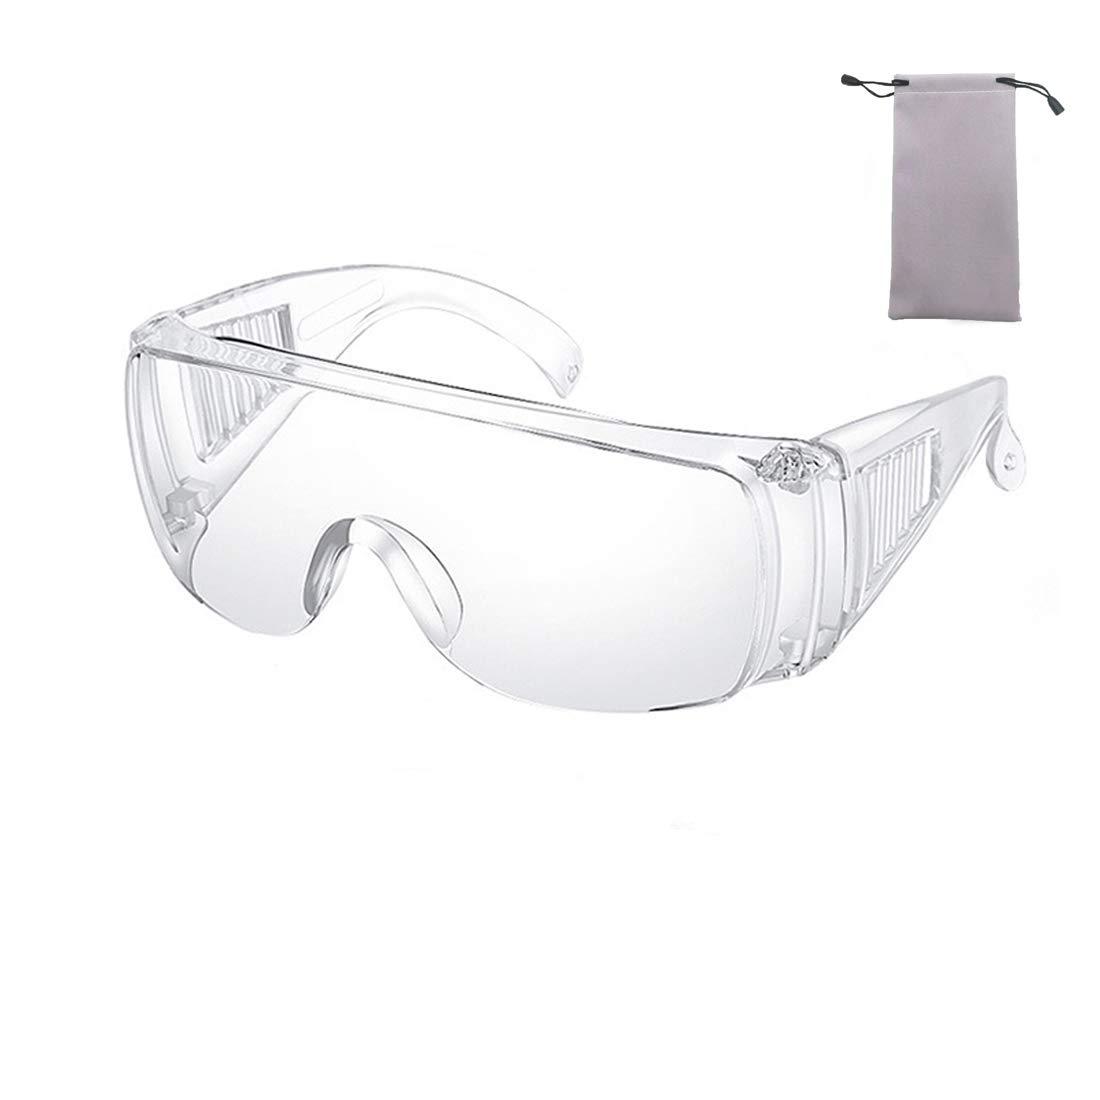 Claro Seguridad Lentes Personal Protector Equipo Transparente Gafas Protección UV Proteccion Adulto Terminado Lentes para Construcción, Laboratorio, Química Clase